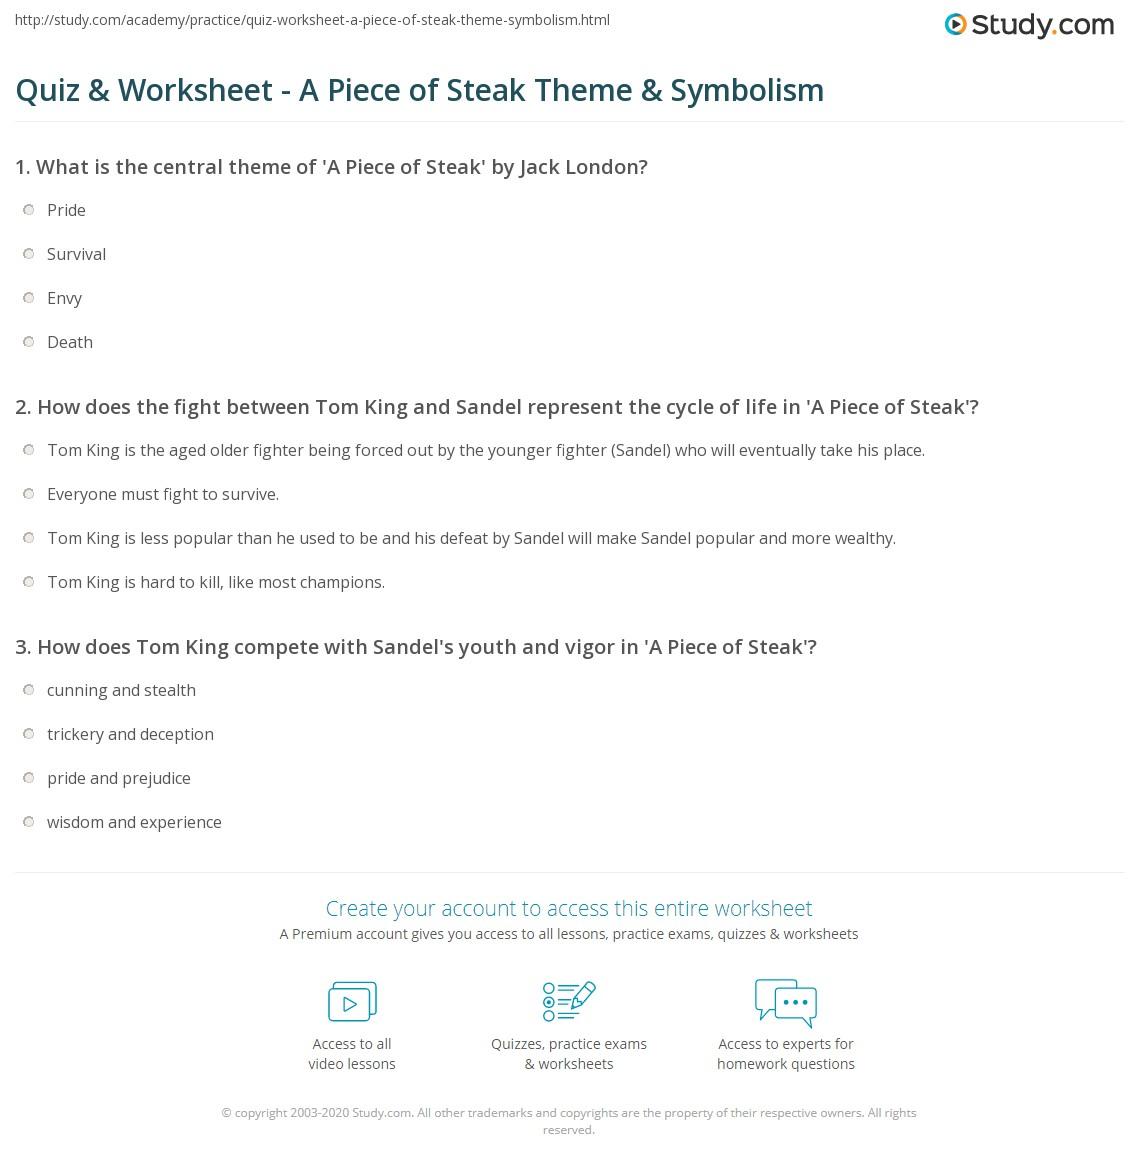 quiz worksheet a piece of steak theme symbolism. Black Bedroom Furniture Sets. Home Design Ideas